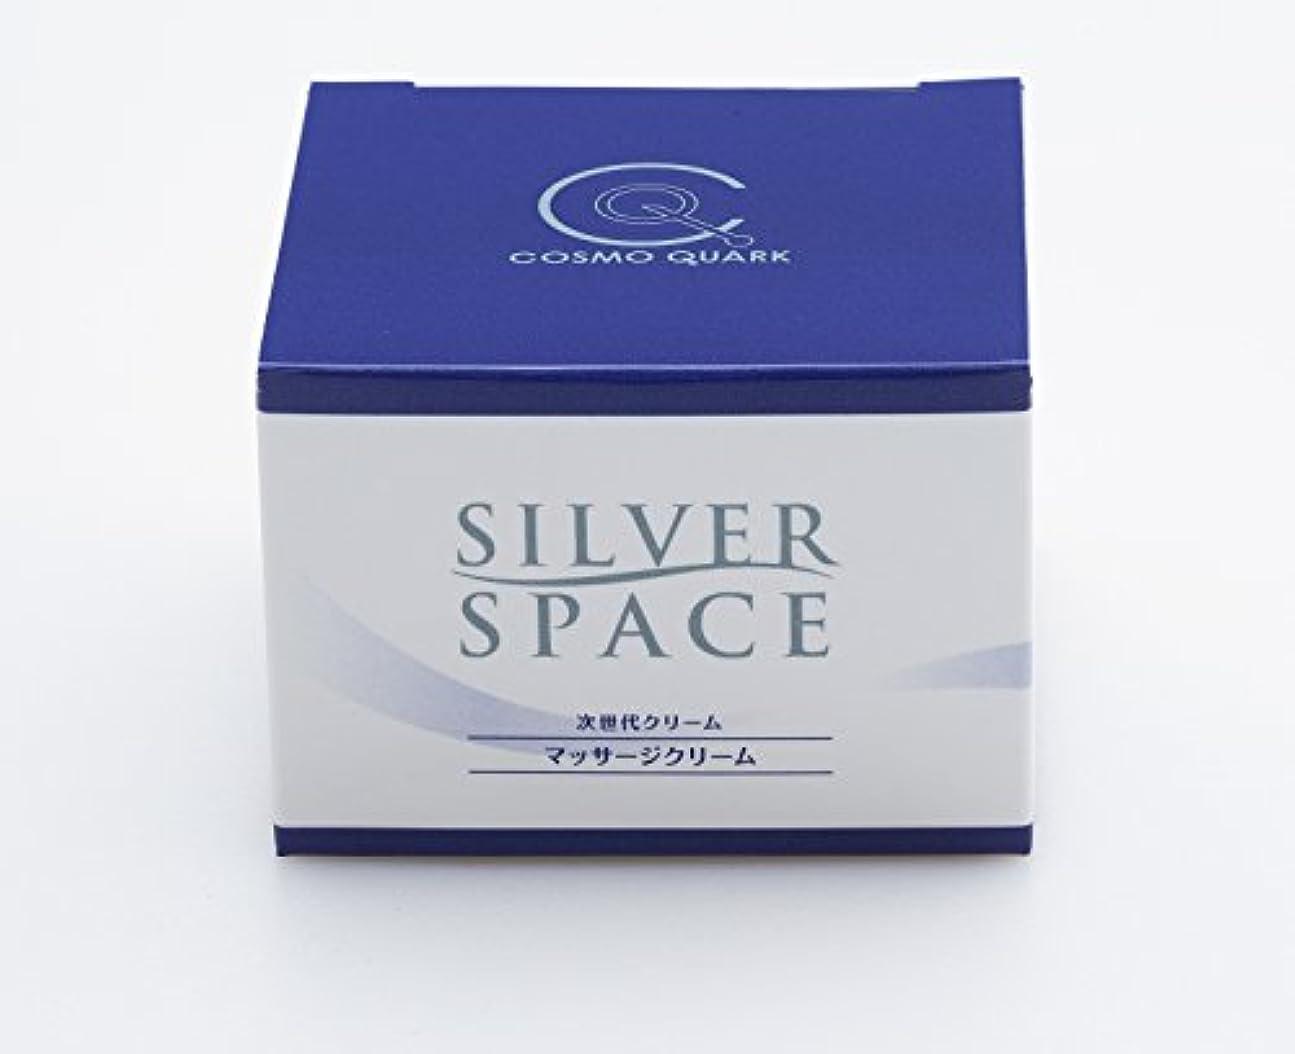 クオンタムキュア(Quantum Cure)SILVER SPACE シルバースペース